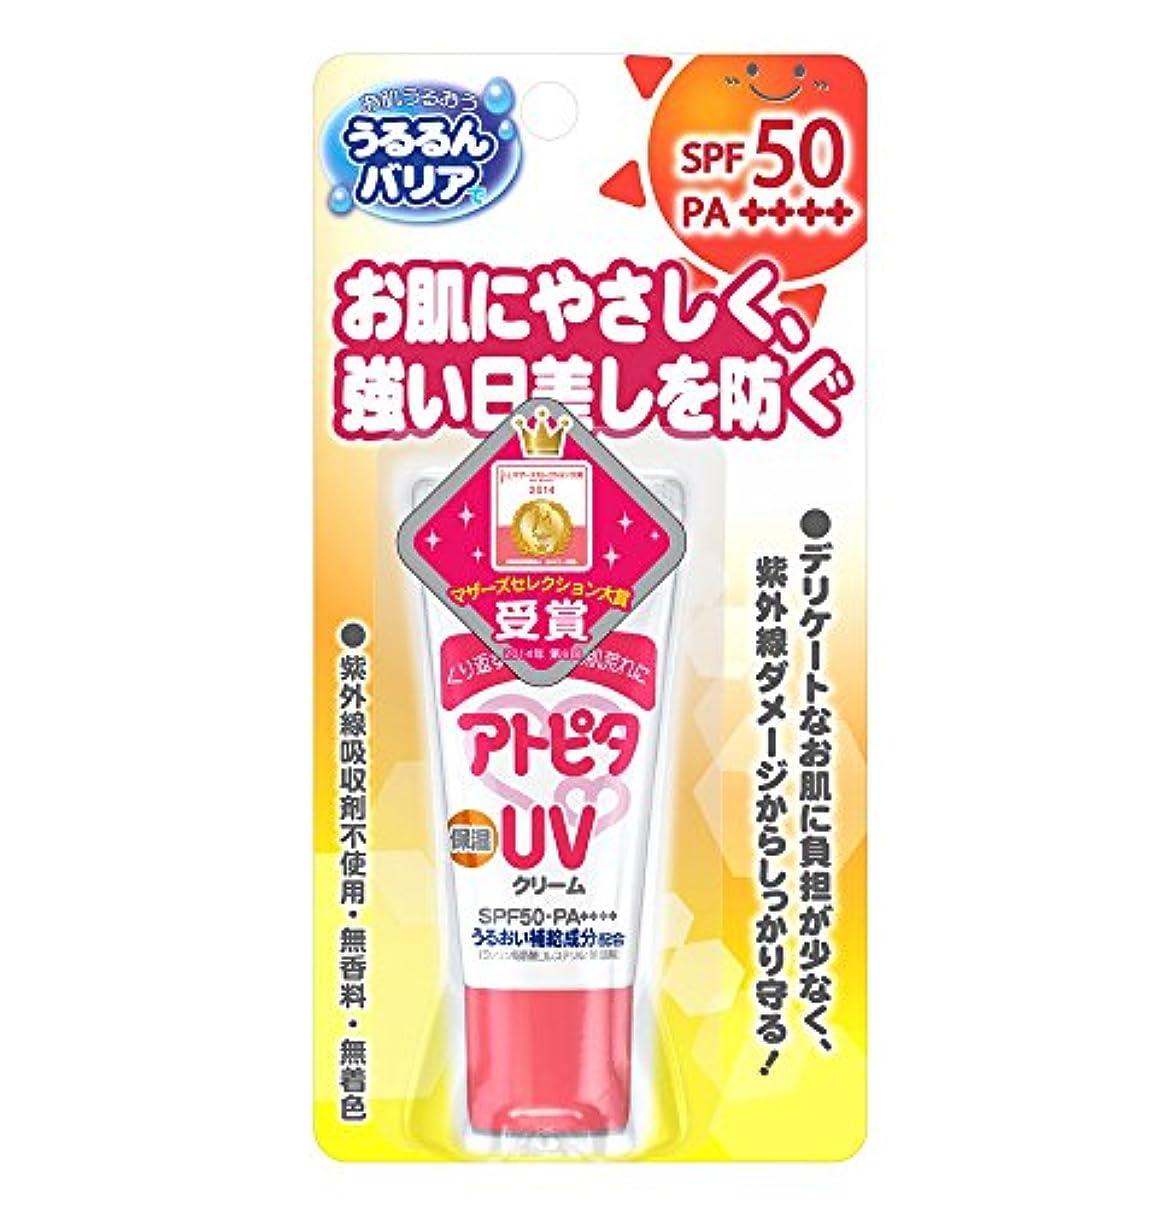 ヶ月目不屈すごいアトピタ 保湿 UVクリーム SPF50 PA++++ 20g